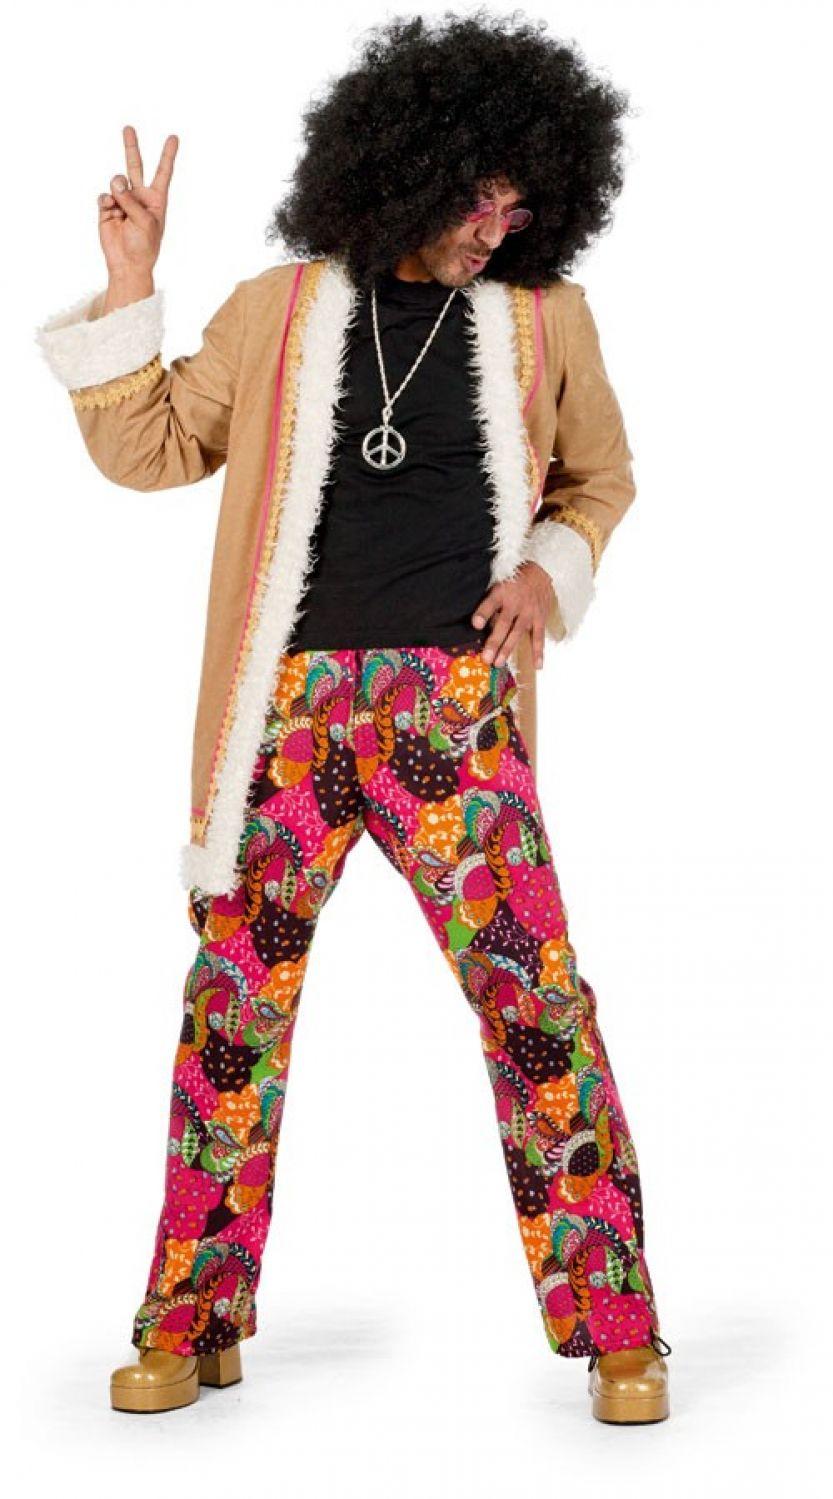 Hippie Kostum Verkleidung Herren Manner Outfit Karnevalskostum